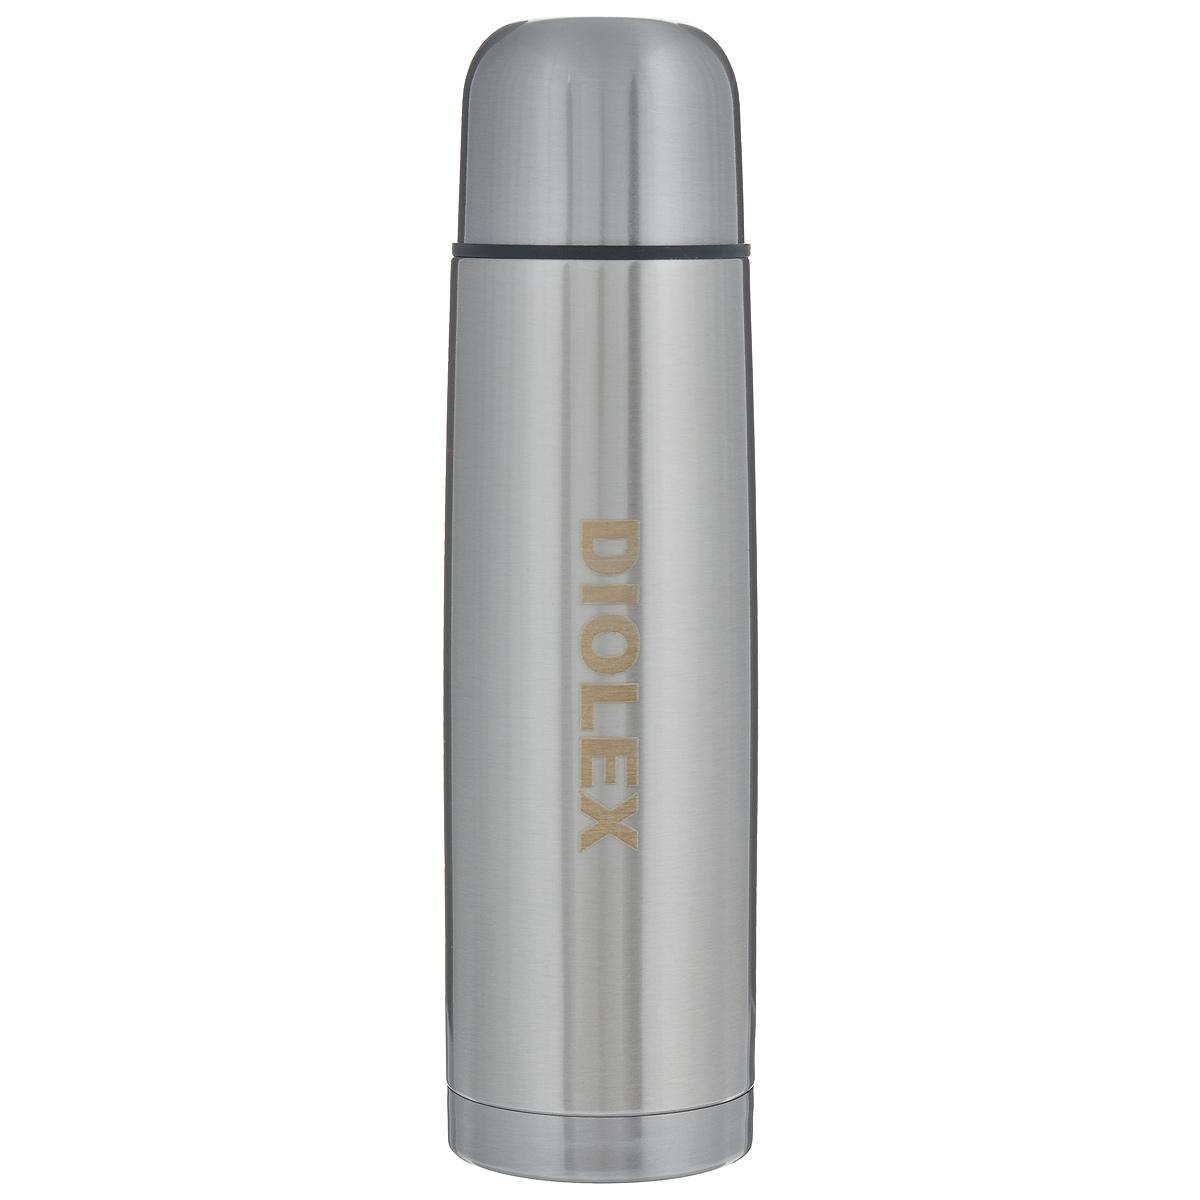 Термос Diolex, с узким горлом, 0,5 л. DX-500-1DX-500-1Термос Diolex изготовлен из высококачественной нержавеющей стали. Он имеет небьющуюся двойную внутреннюю колбу и изолированную крышку. Термос сохраняет напитки и продукты горячими в течение 12 часов, а холодными в течение 24 часов. Легкий и прочный термос Diolex идеально подойдет для транспортировки и путешествий. Высота термоса (с учетом крышки): 25 см. Диаметр основания: 6,5 см. Объем термоса: 0,5 л. Материал: нержавеющая сталь, пластик.